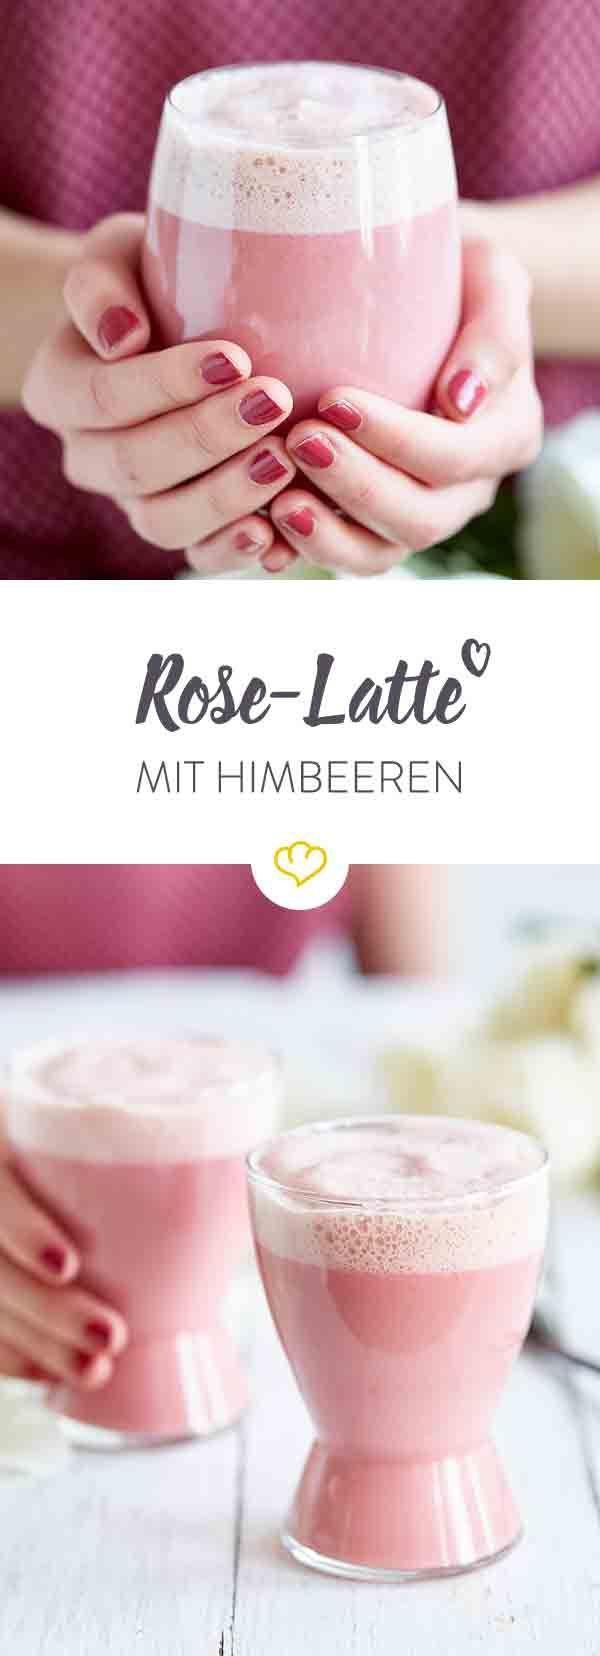 Wenn dir jemand einen Kaffee ans Bett bringt, ist das ein echter Liebesbeweis. Wenn dir jemand eine Rosenmilch ans Bett bringt, dann ist es wahre Liebe.